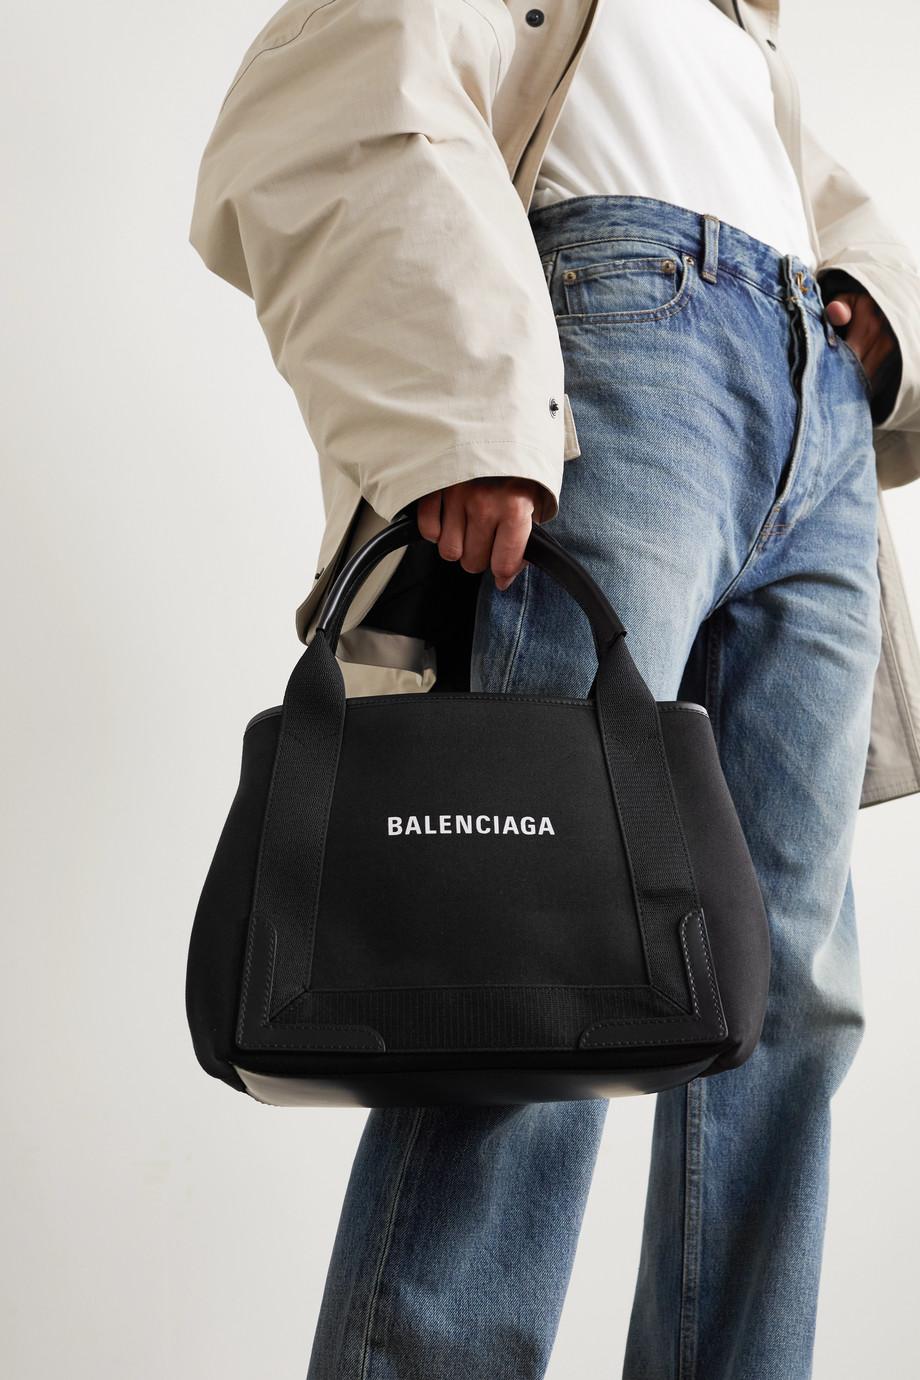 Balenciaga Sac à main en toile imprimée à finitions en cuir S Cabas